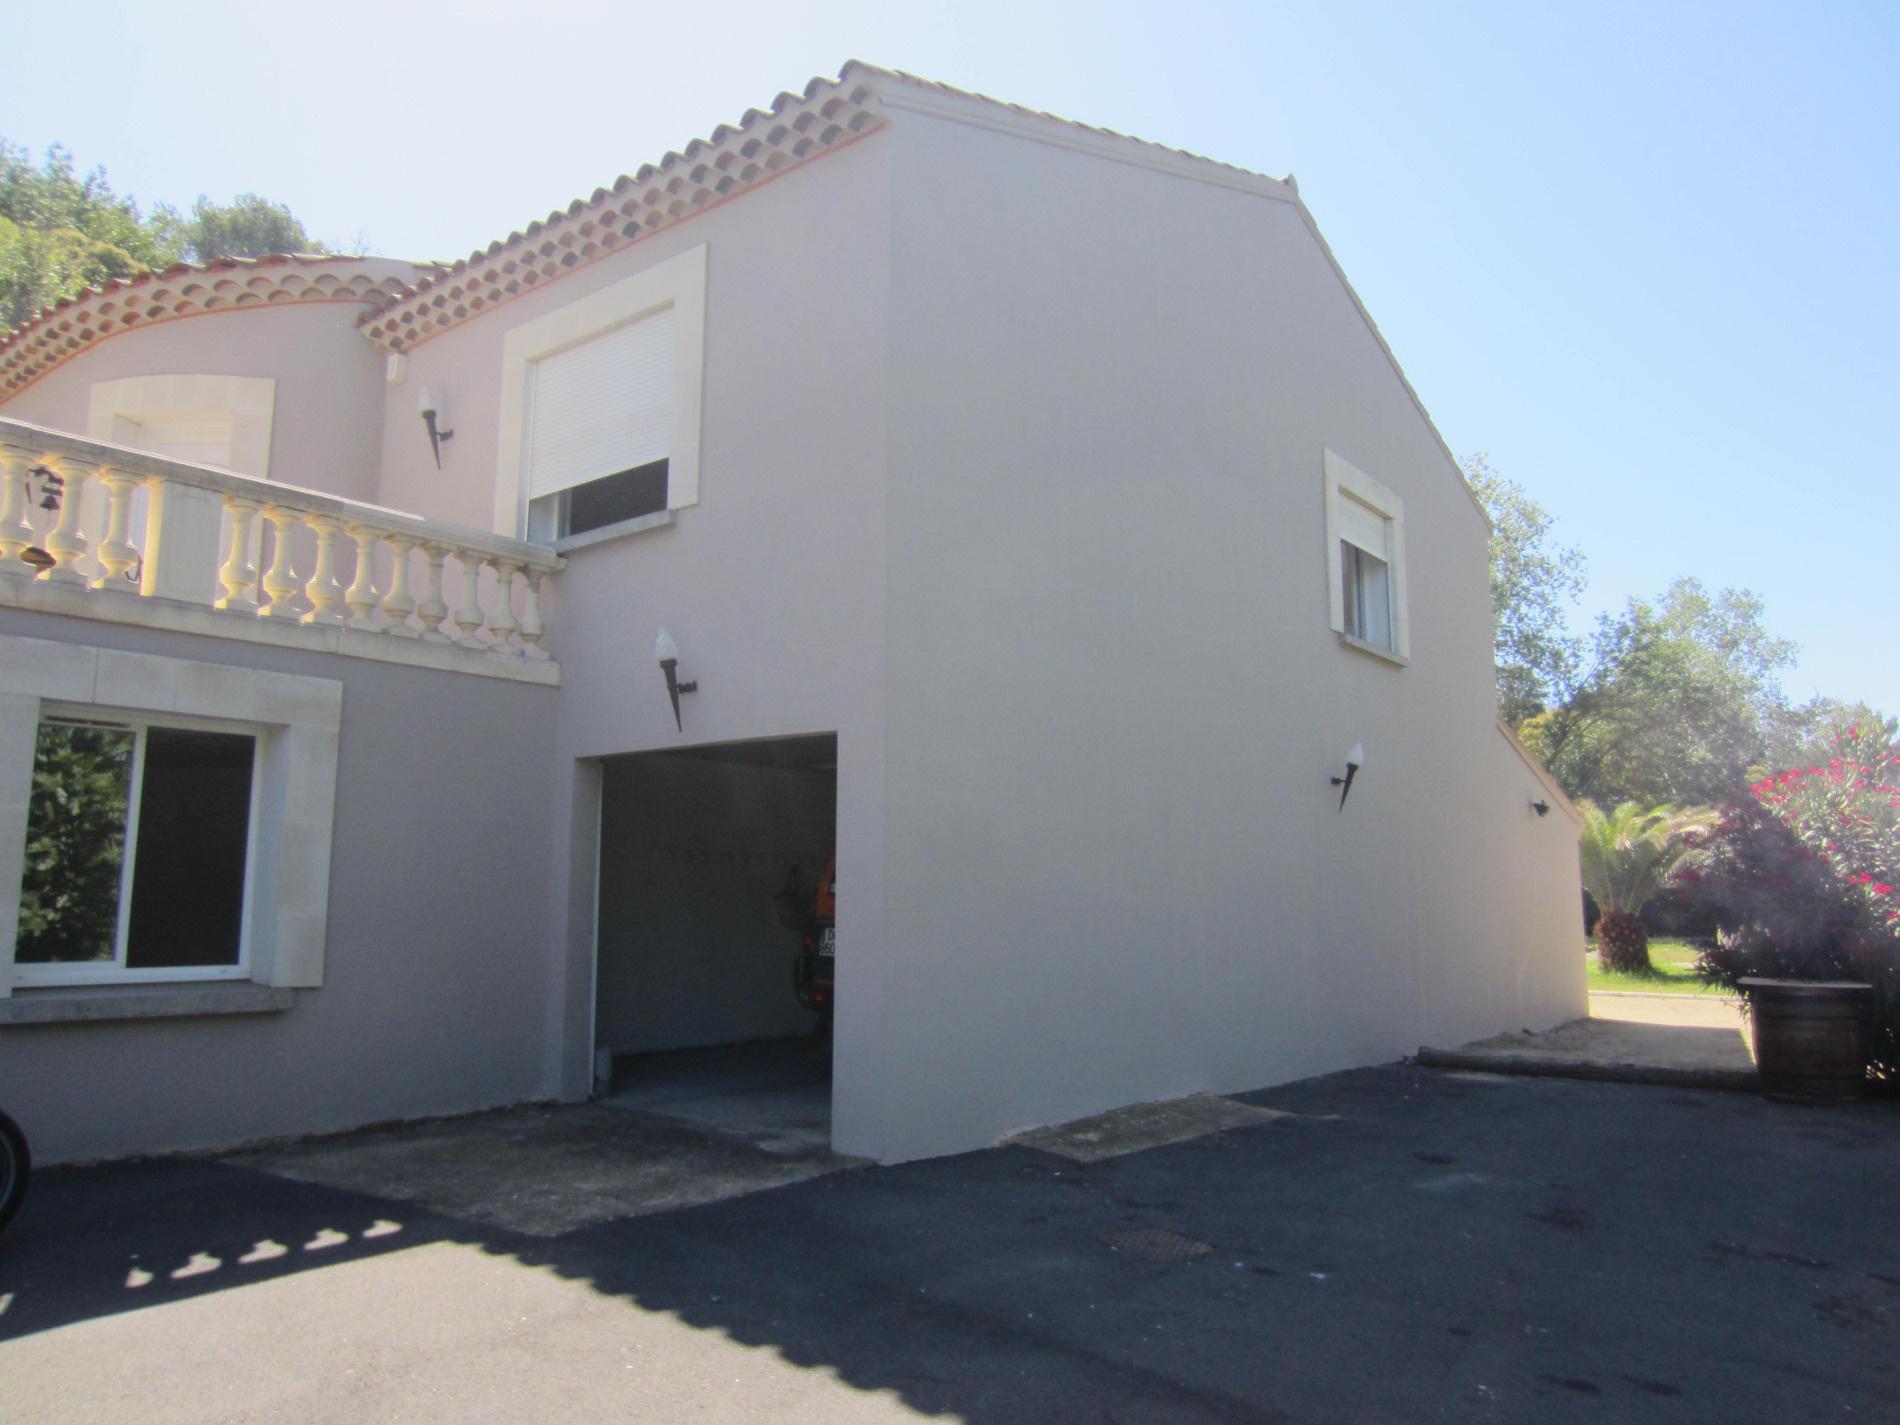 Immobilier beziers location et vente appartement et villa beziers